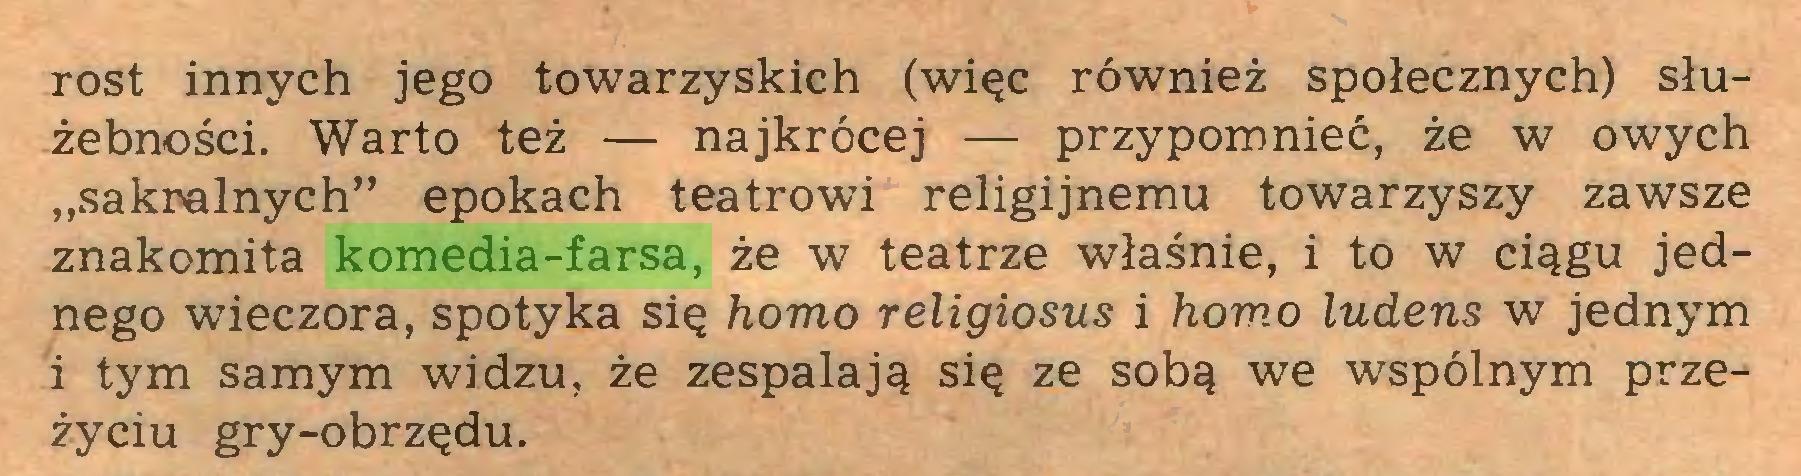 """(...) rost innych jego towarzyskich (więc również społecznych) służebności. Warto też — najkrócej — przypomnieć, że w owych """"sakralnych"""" epokach teatrowi religijnemu towarzyszy zawsze znakomita komedia-farsa, że w teatrze właśnie, i to w ciągu jednego wieczora, spotyka się homo religiosus i homo ludens w jednym i tym samym widzu, że zespalają się ze sobą we wspólnym przeżyciu gry-obrzędu..."""